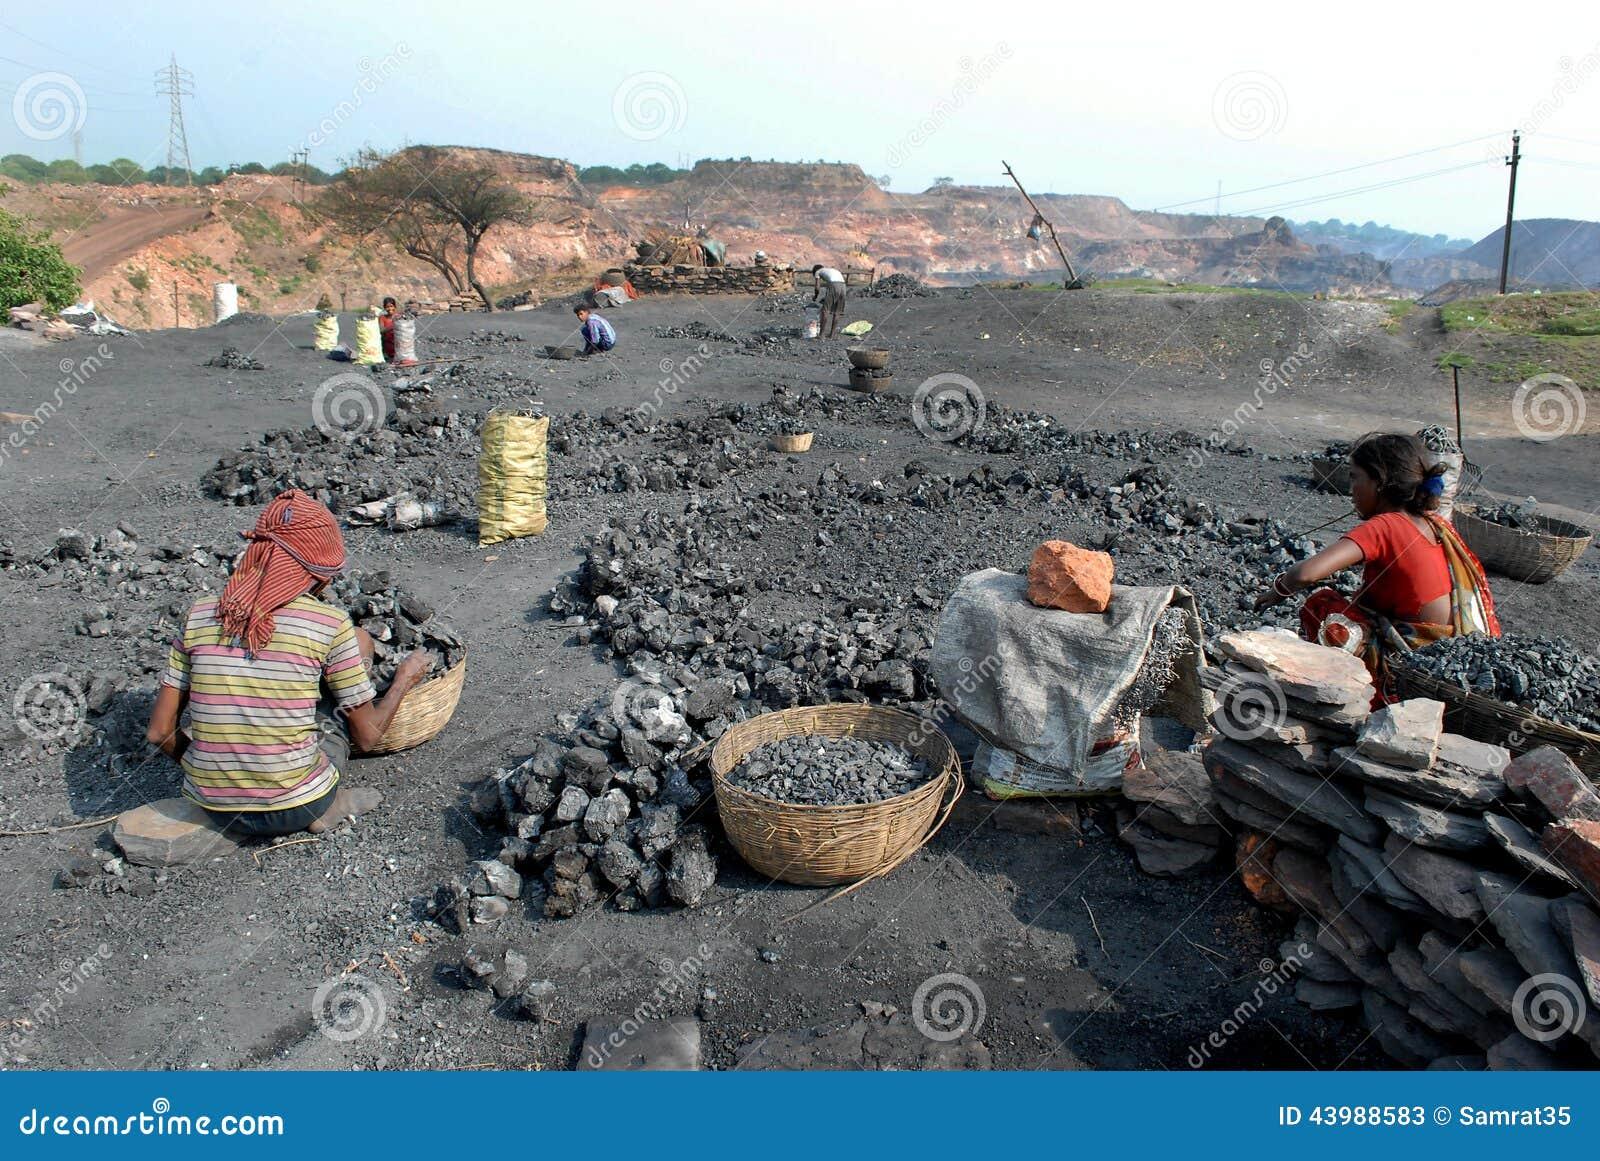 Coal Piker